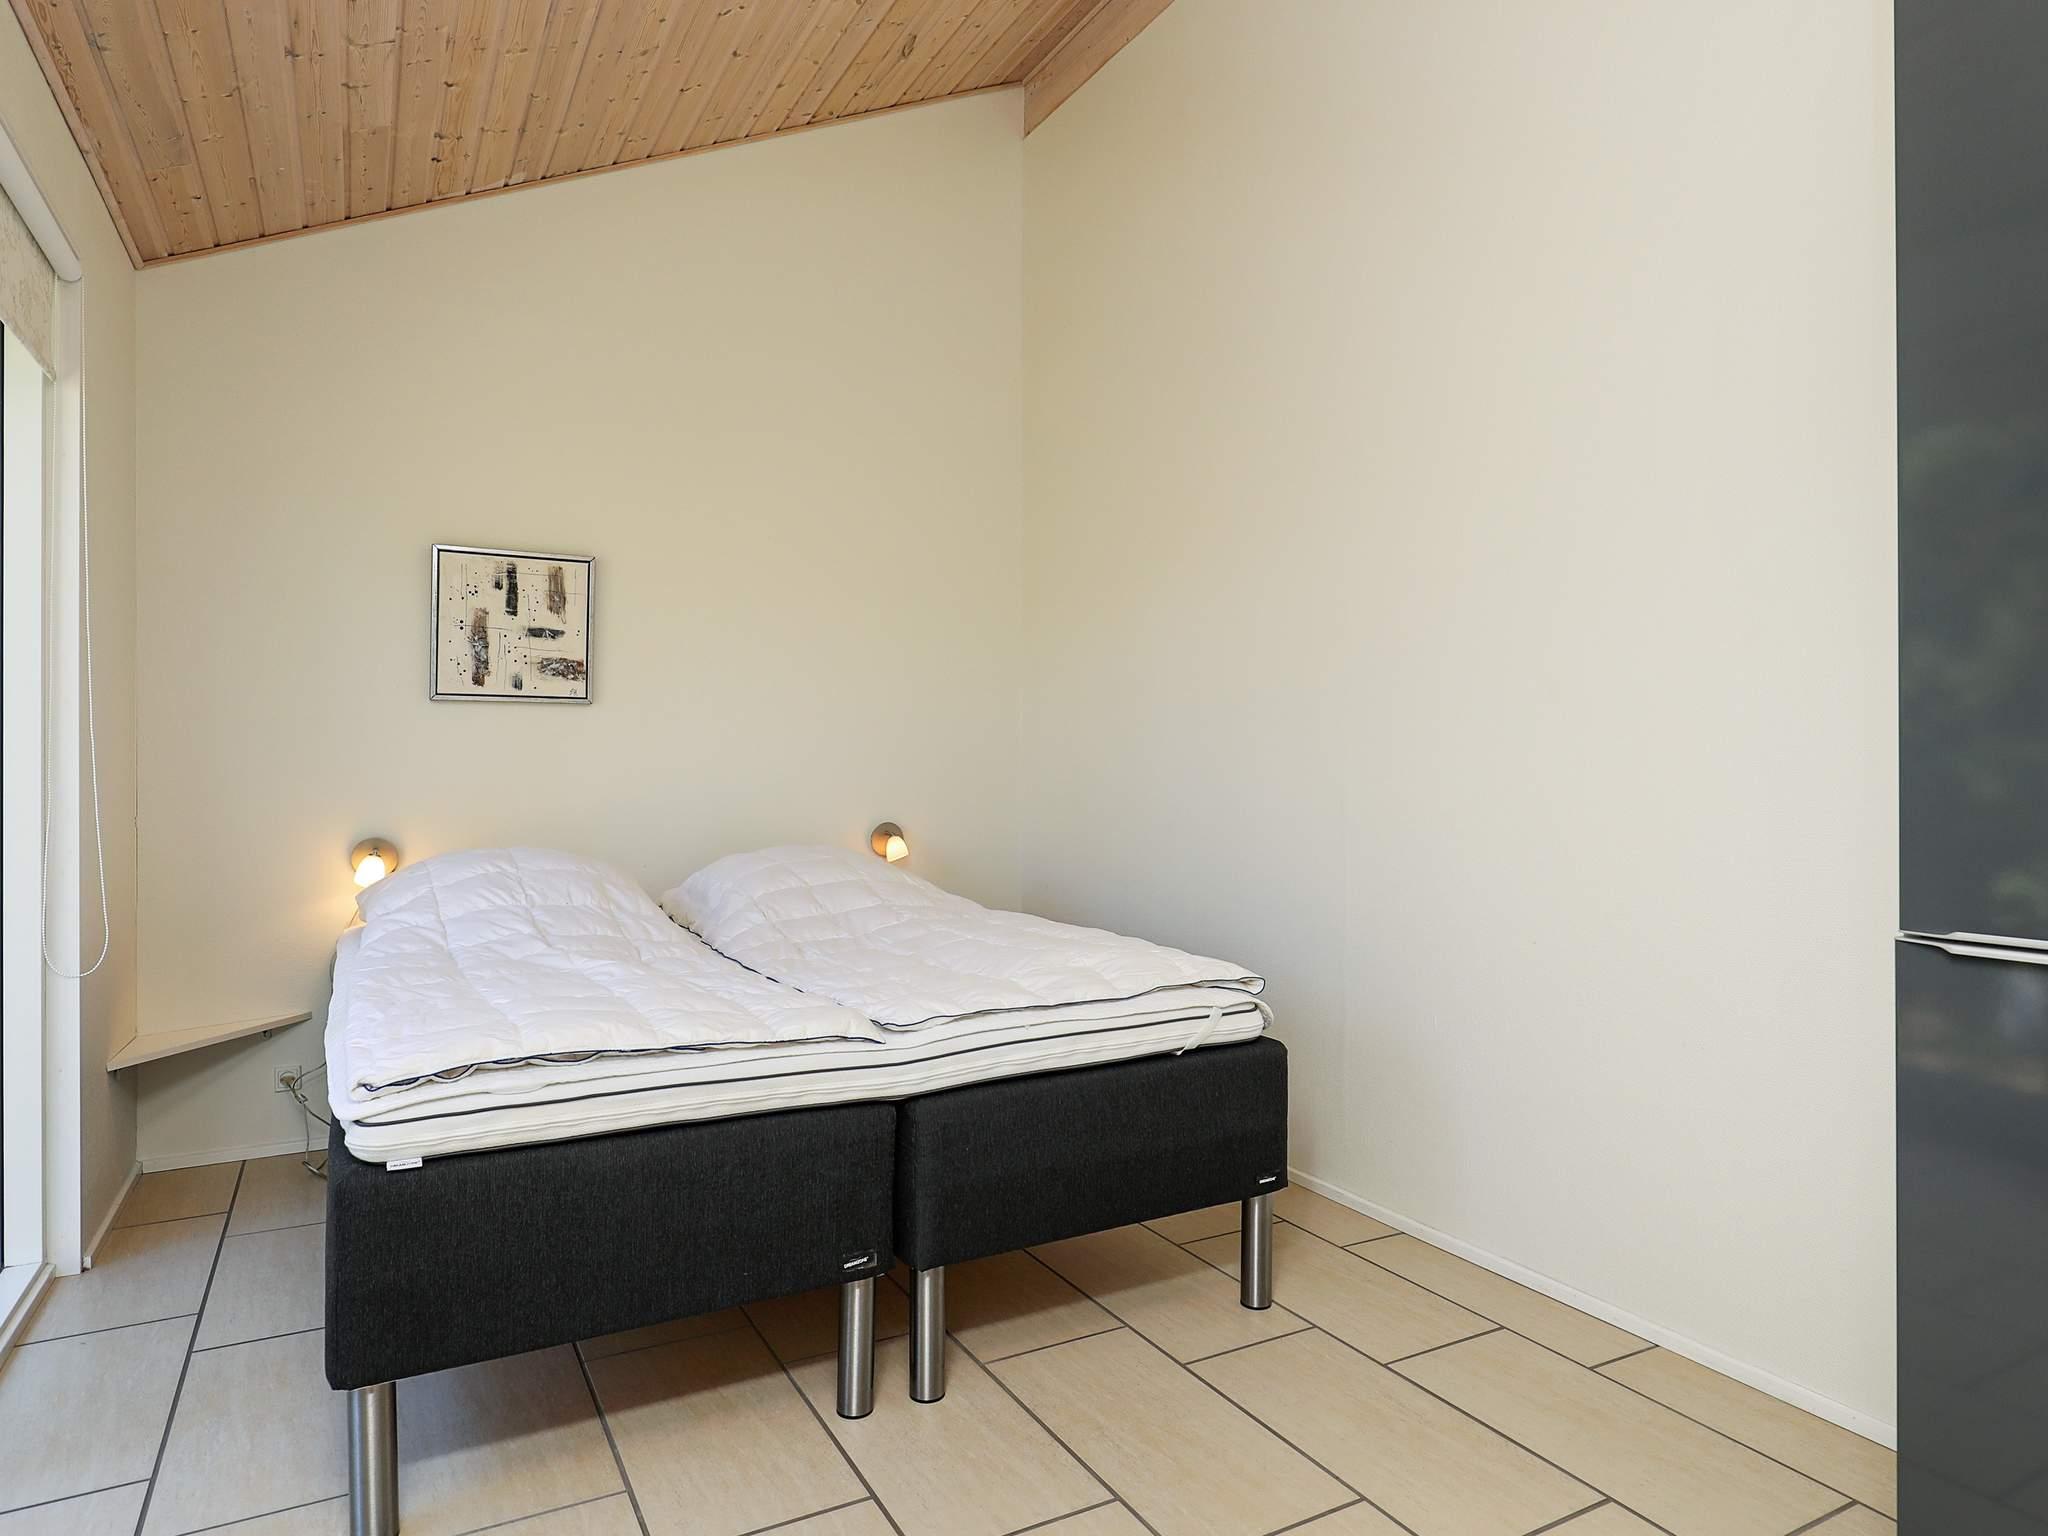 Ferienhaus Lodskovvad (344186), Lodskovvad, , Nordostjütland, Dänemark, Bild 14